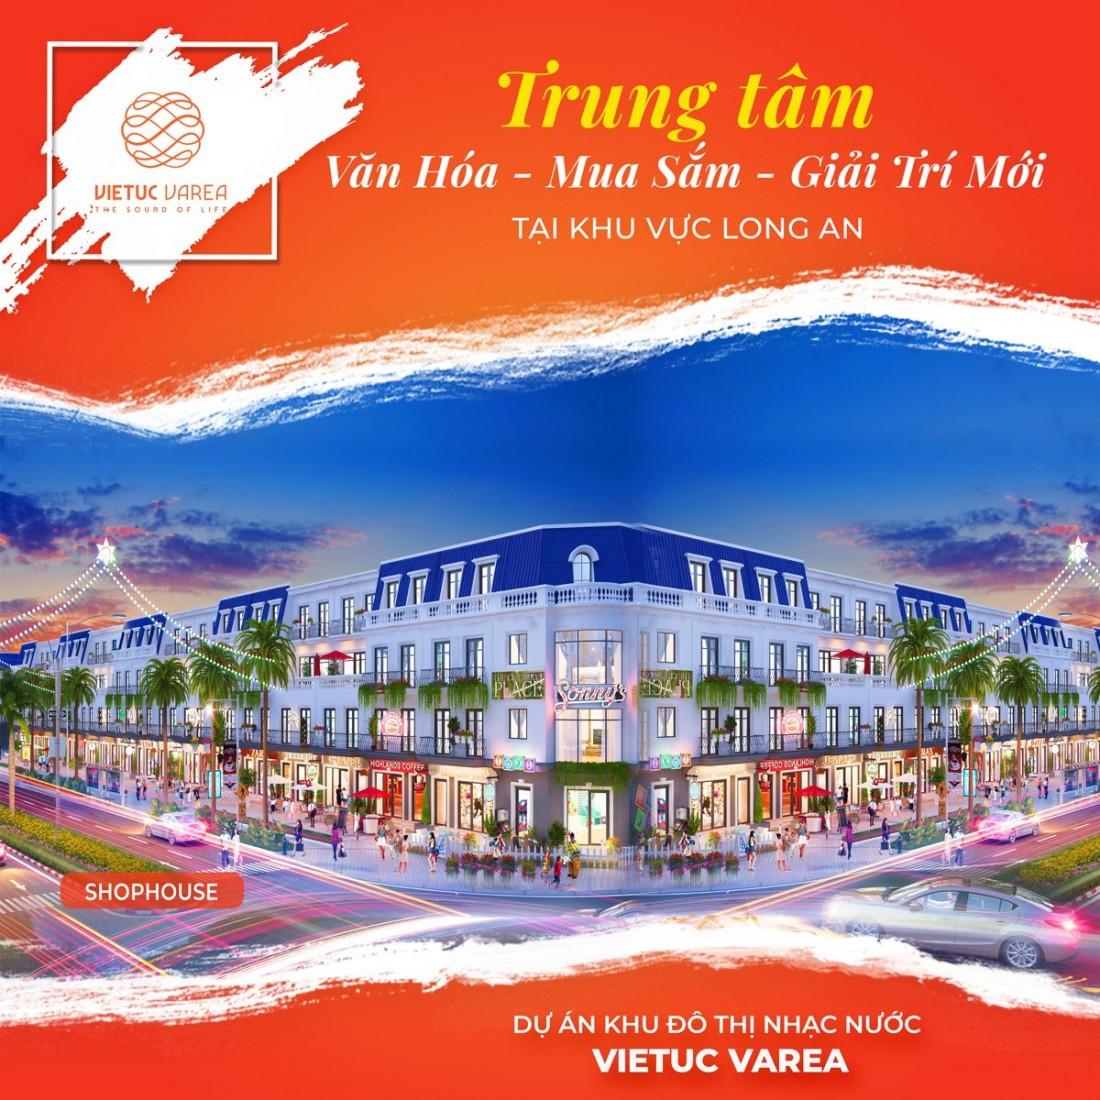 Phối cảnh Shophouse Khu đô thị Việt Úc Varea